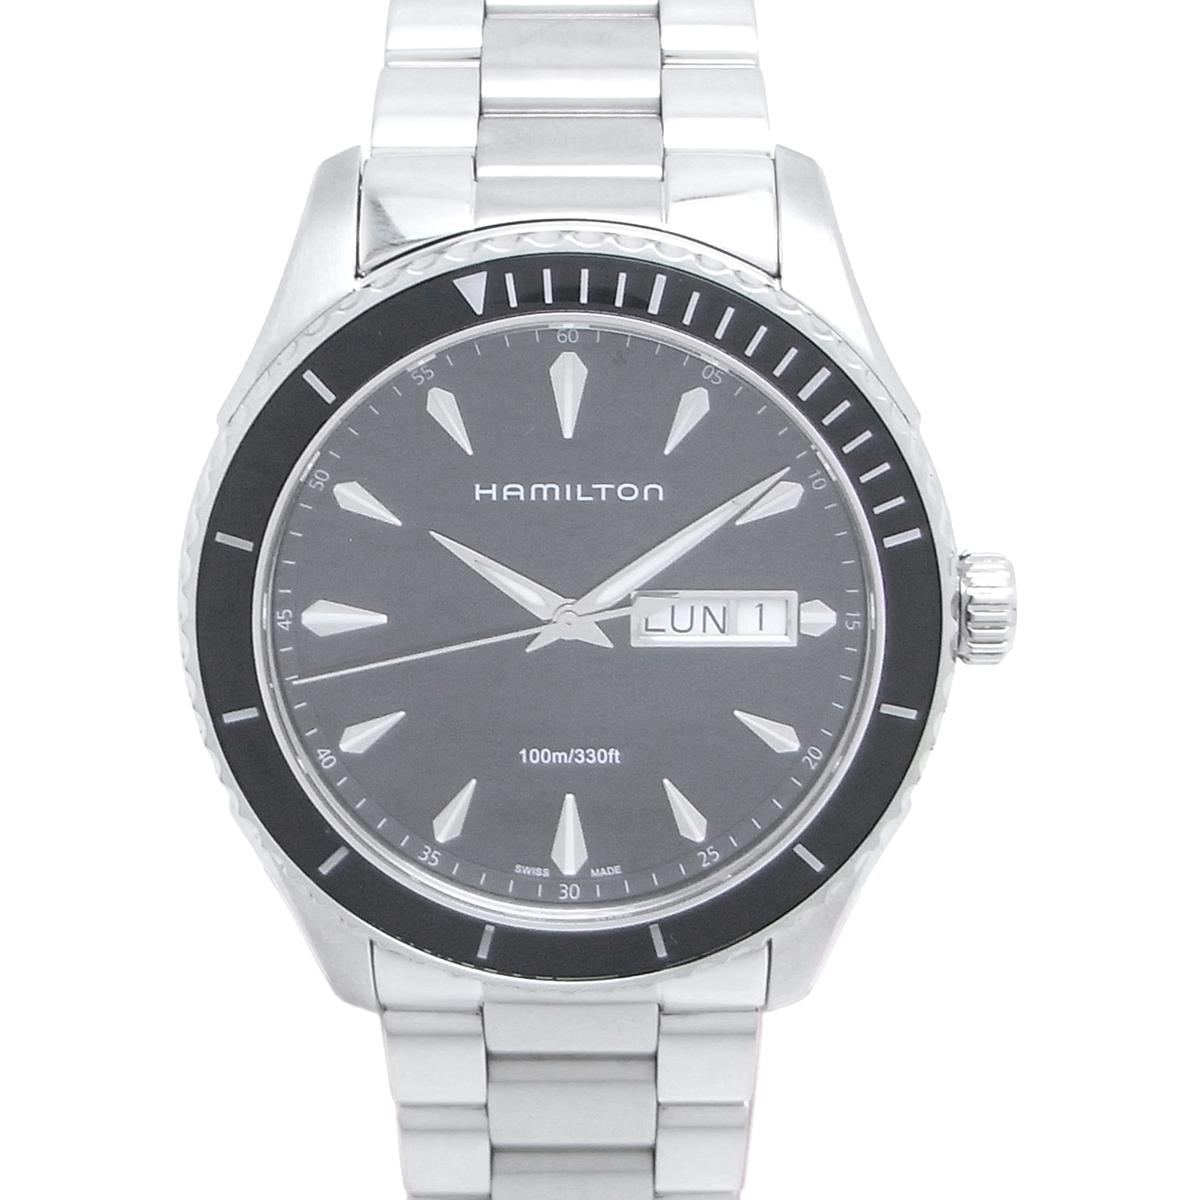 【飯能本店】 ハミルトン ジャズマスター メンズ 腕時計 ステンレススチール ブラック文字盤 DH49696【大黒屋質店出品】 【中古】【店頭受取対応商品】